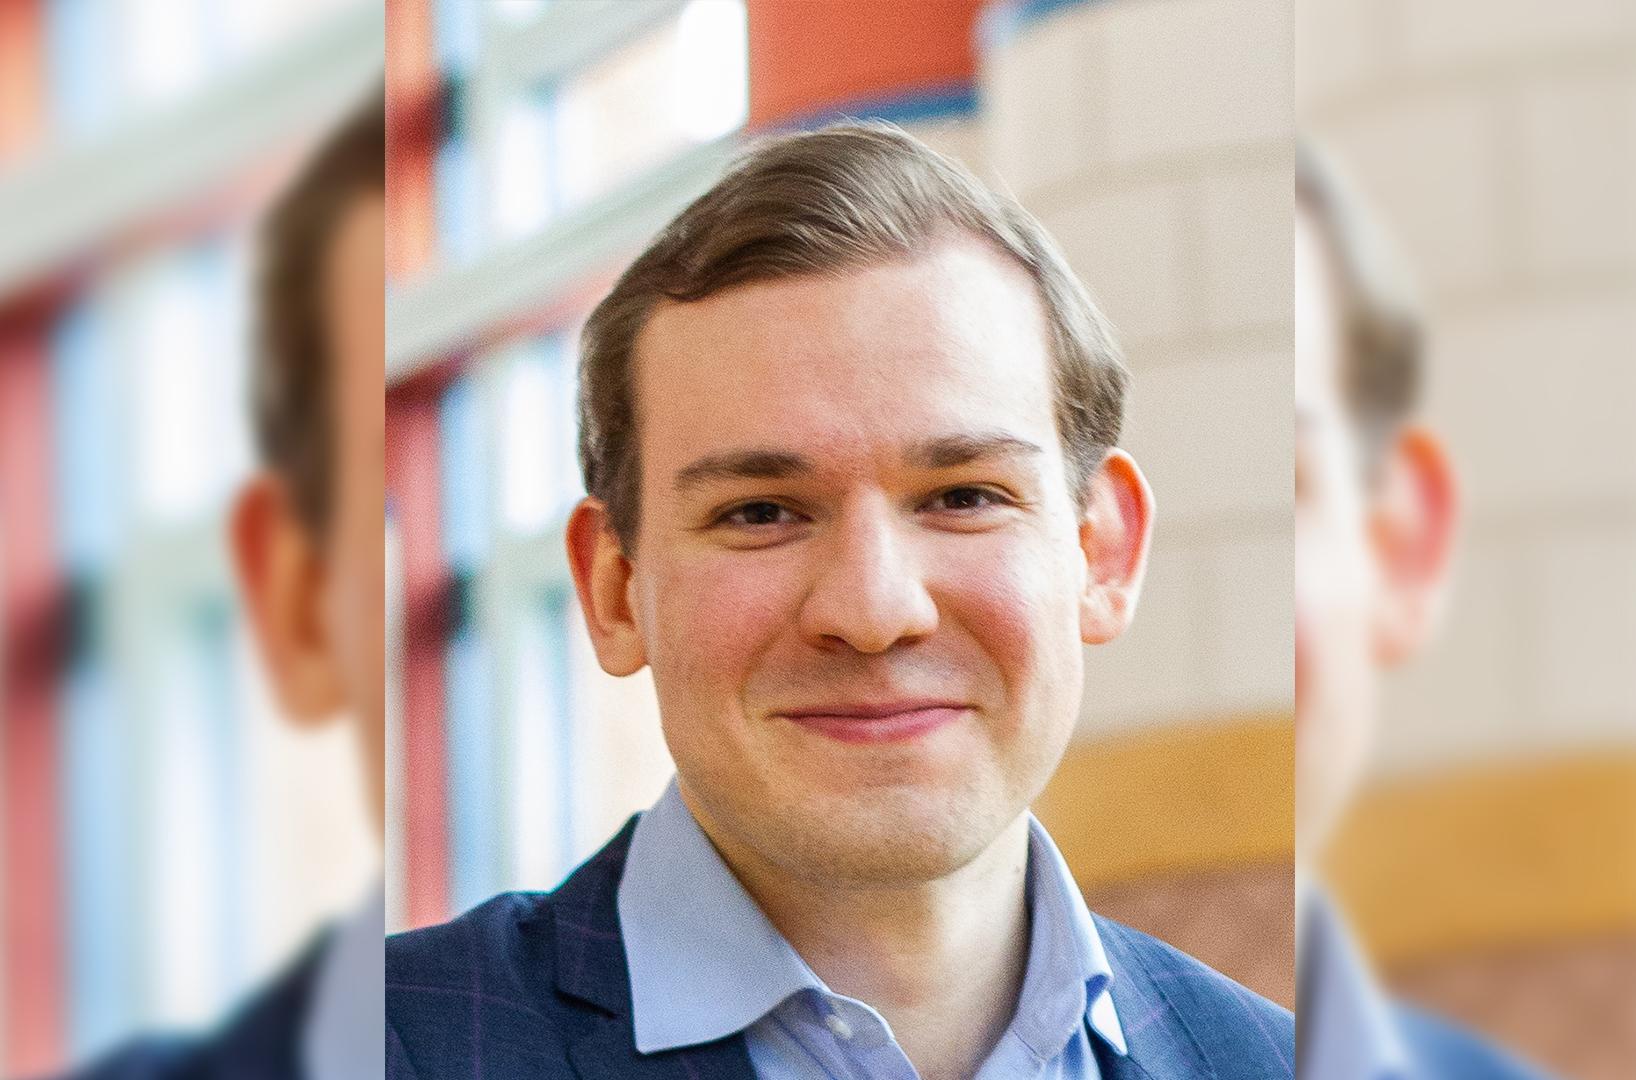 Viktor M. Salenius